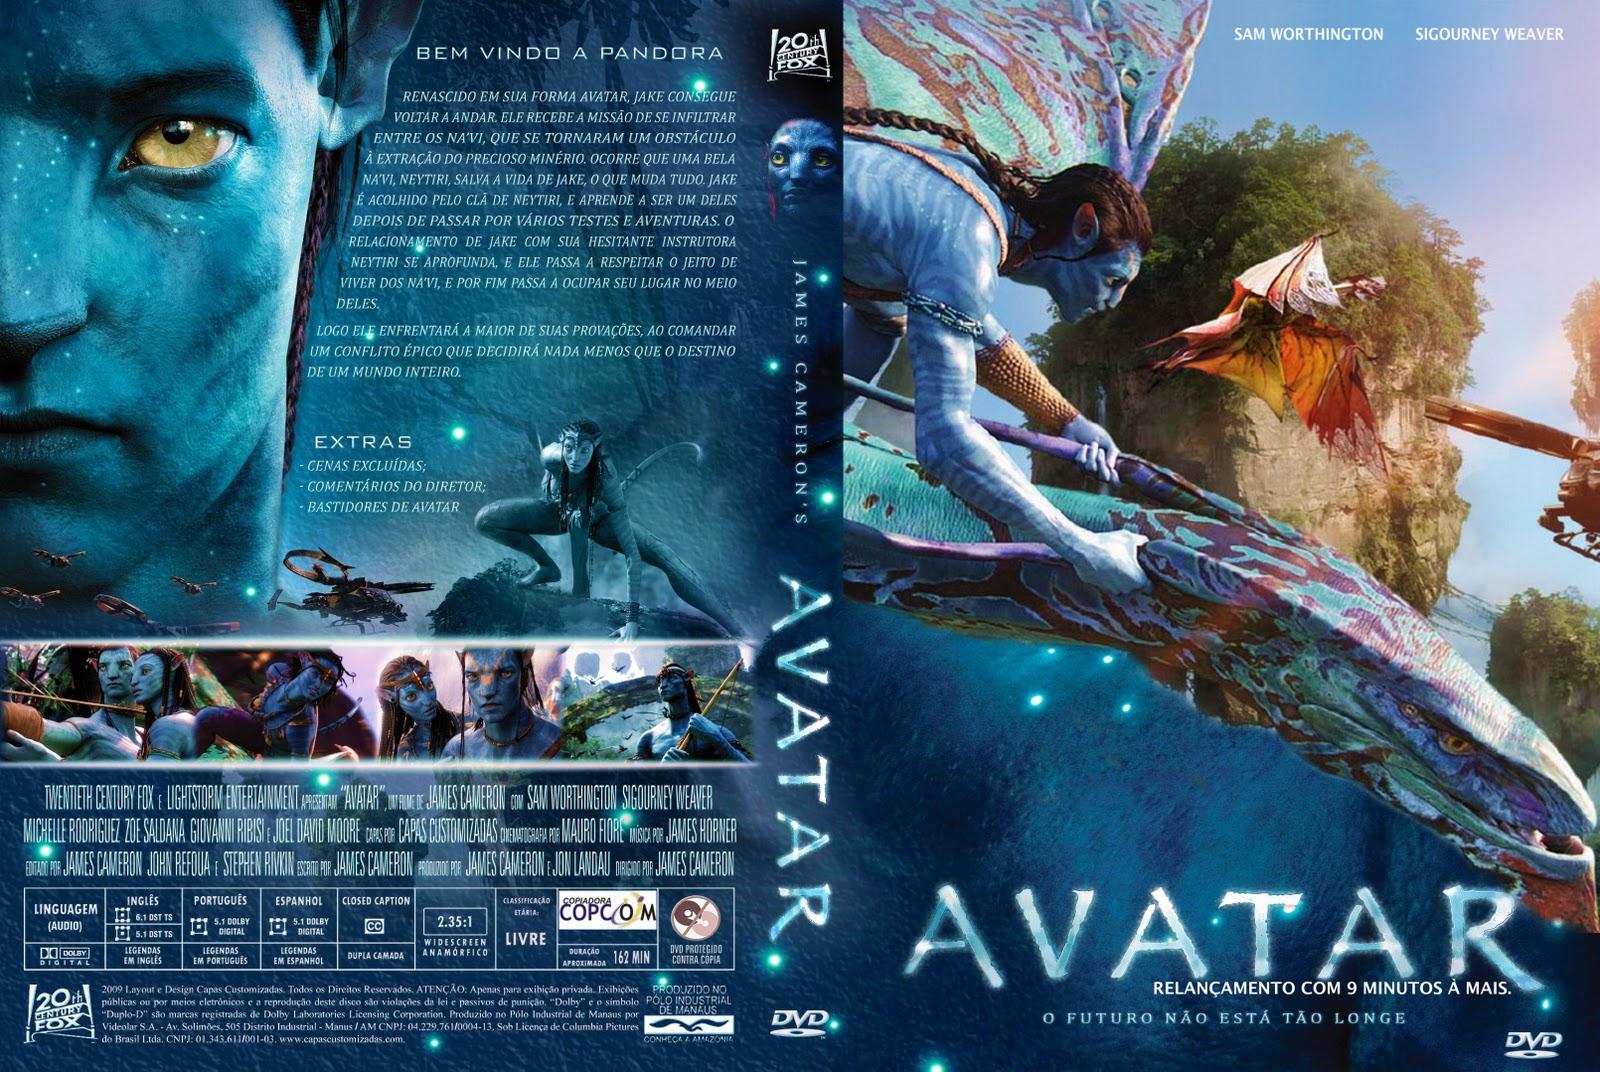 Avatar Versão Estendida BluRay 720p Dublado Avatar  2528capa 1 2529